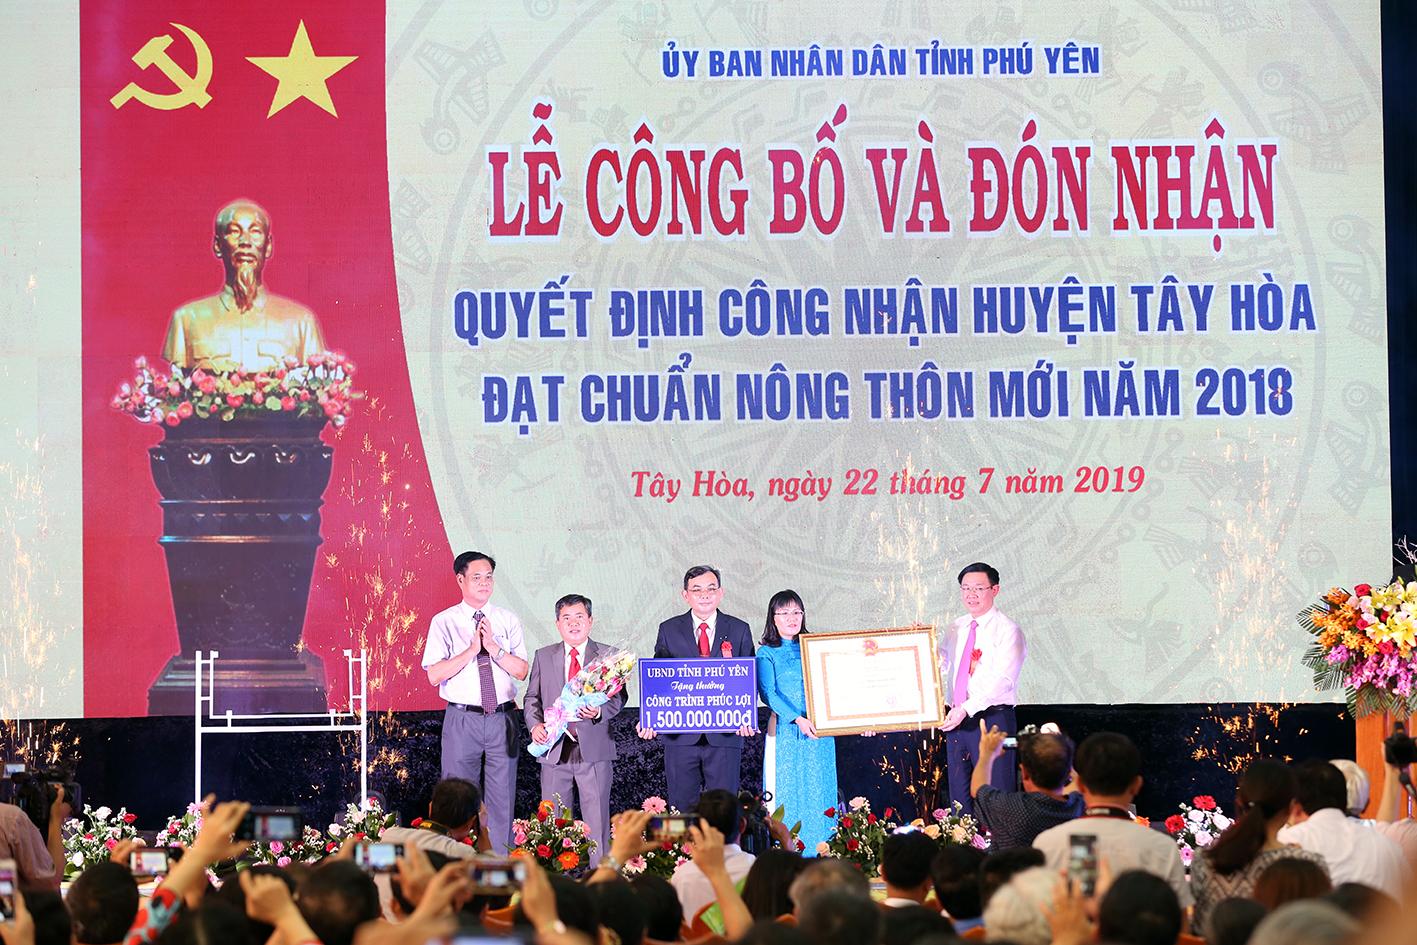 Tây Hoà trở thành huyện đầu tiên của tỉnh Phú Yên đạt chuẩn huyện nông thôn mới năm 2018